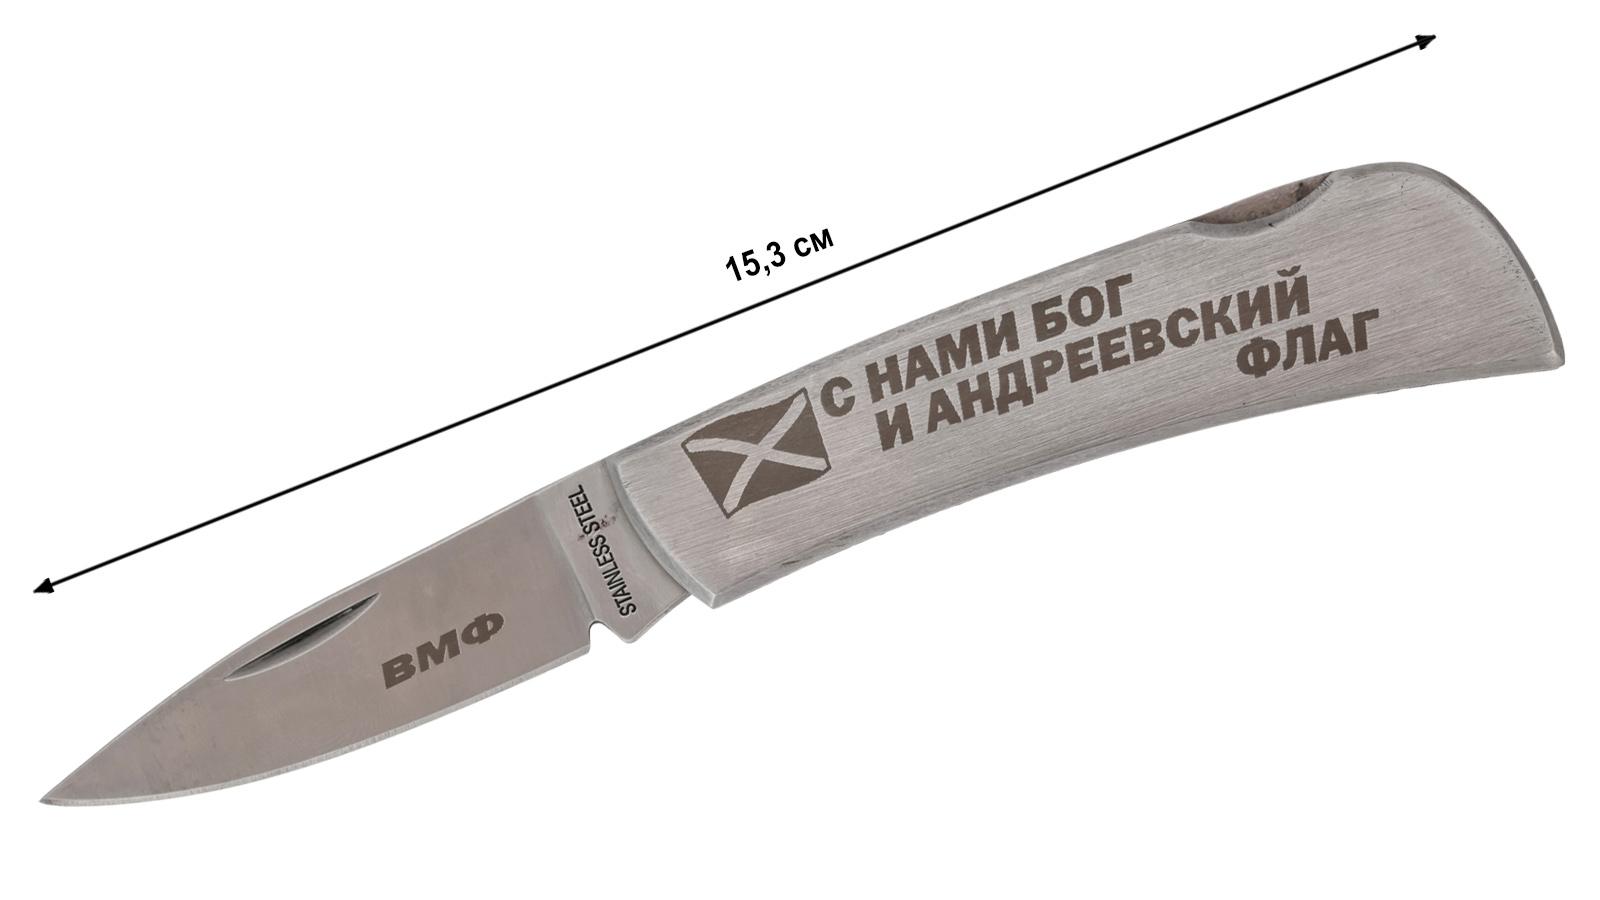 Нож ВМФ складной с гравировкой - длина